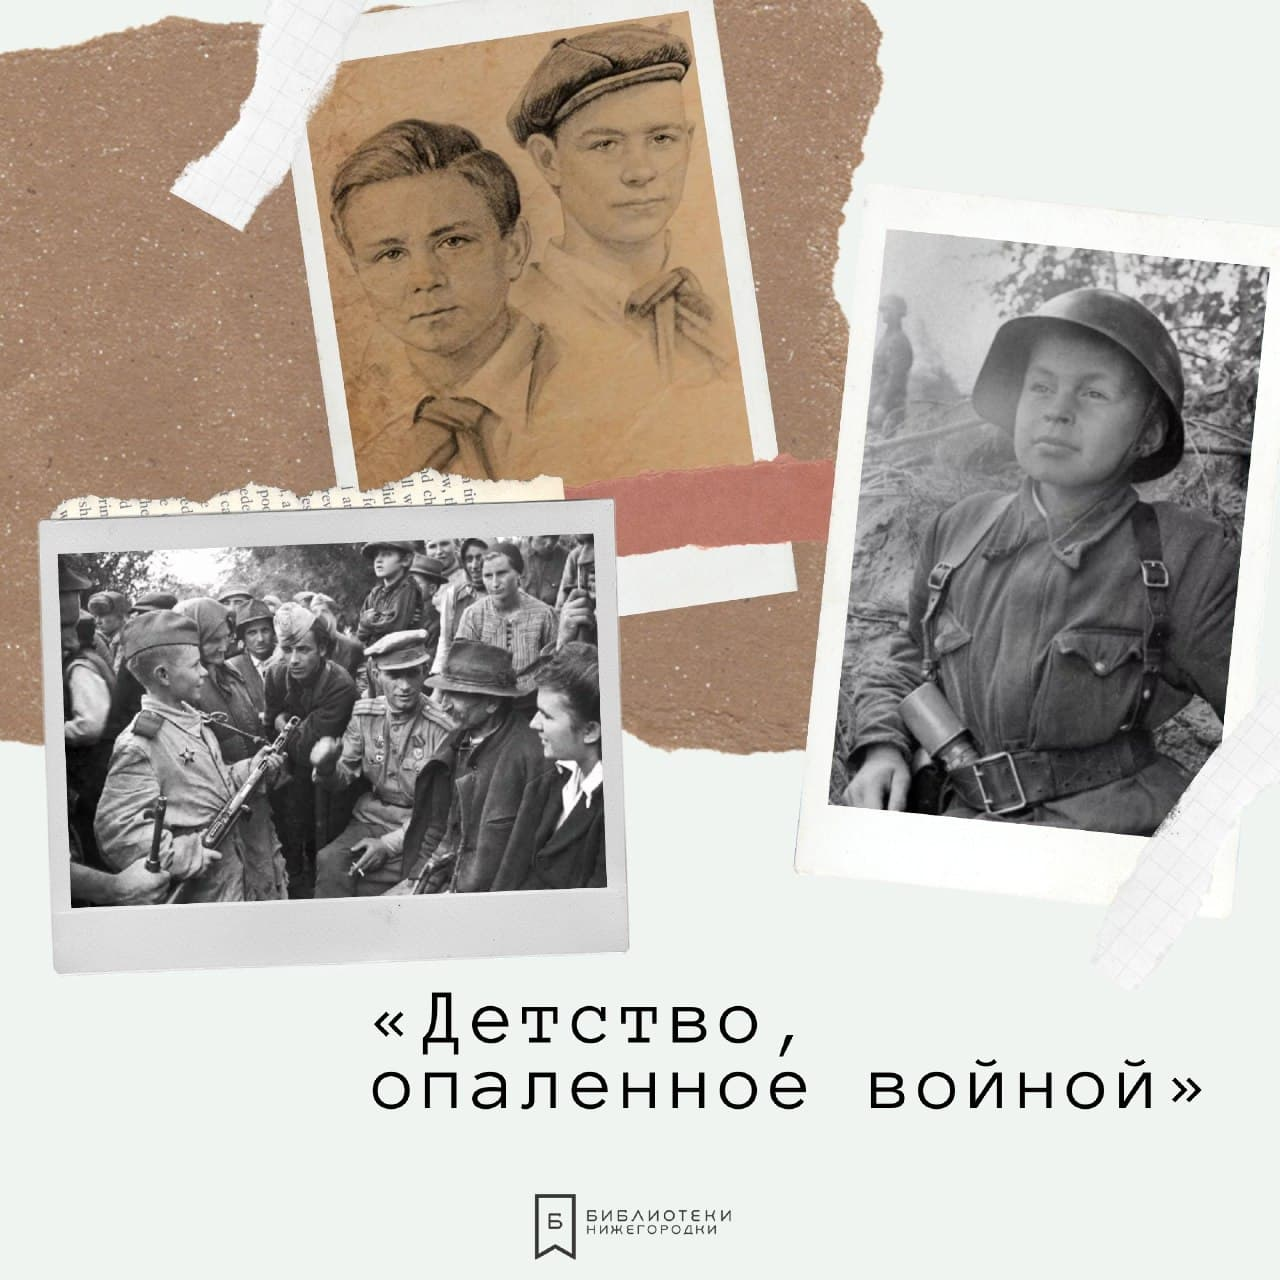 О детях-героях Великой Отечественной войны поговорили в Нижегородском. Фото библиотеки 123